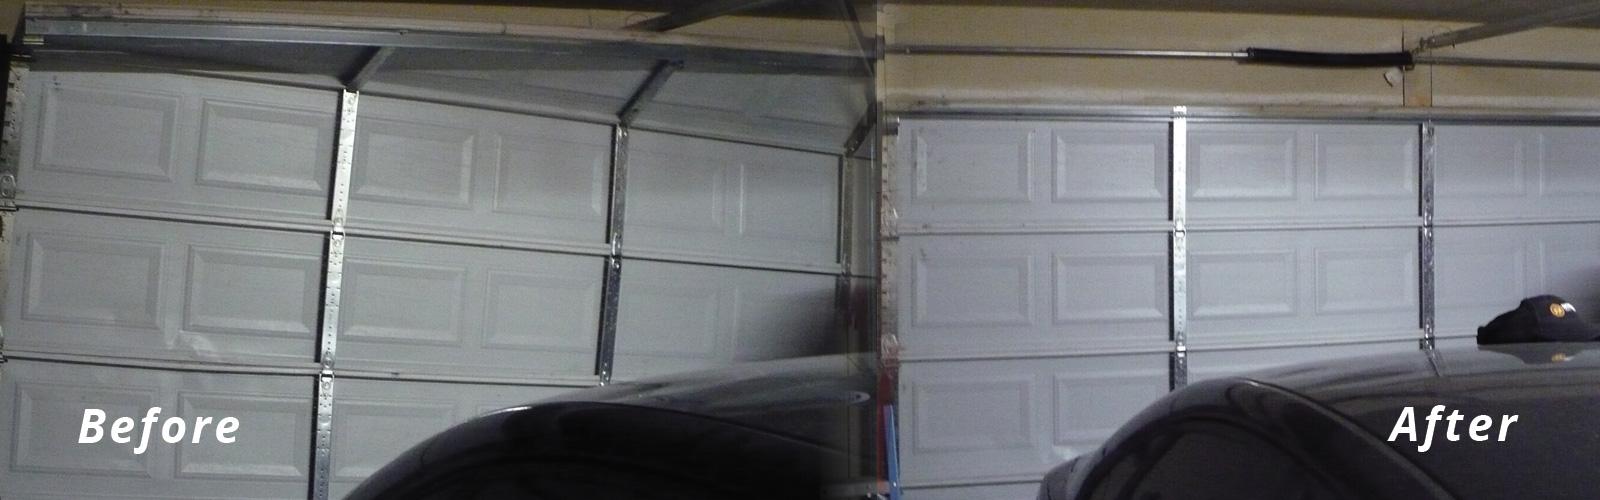 B U0026 W Garage Doors | Fort Worth TX Garage Door Sales U0026 Service | 817 ...